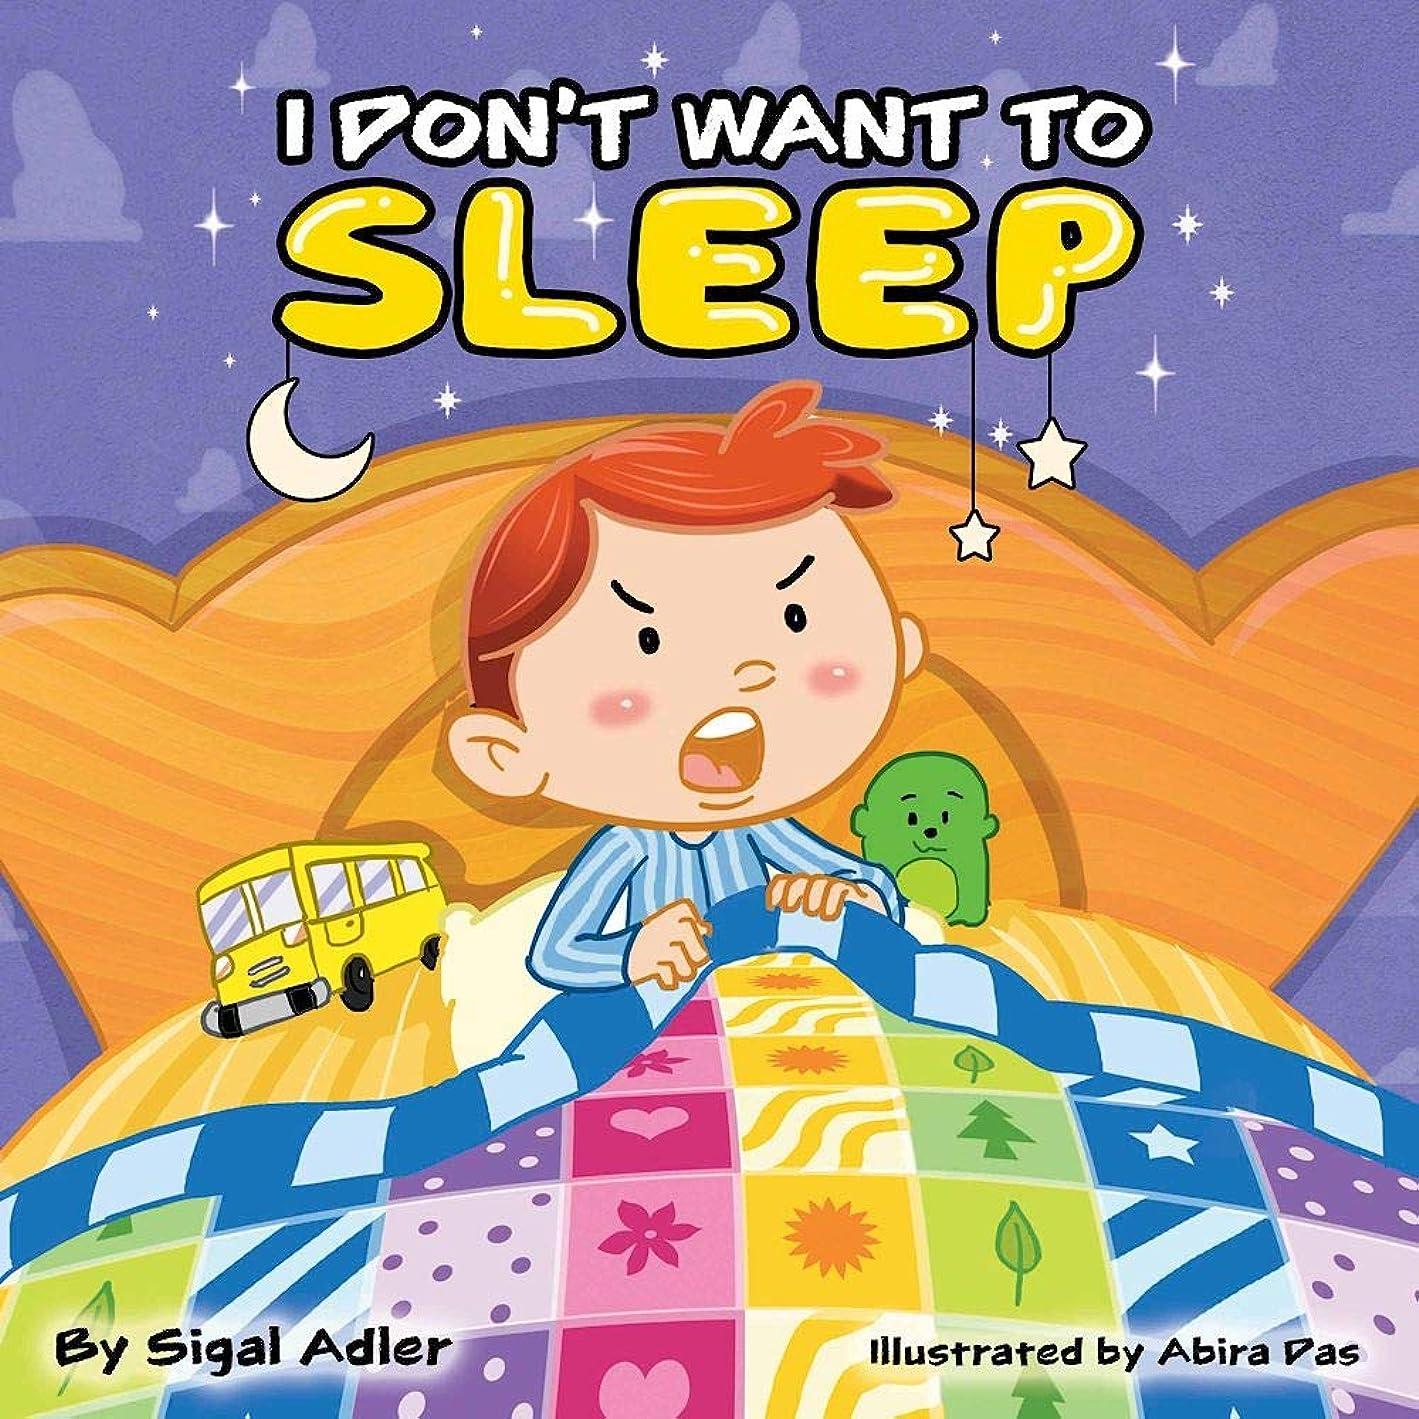 より良い症候群検索エンジンマーケティングI DON'T WANT TO SLEEP